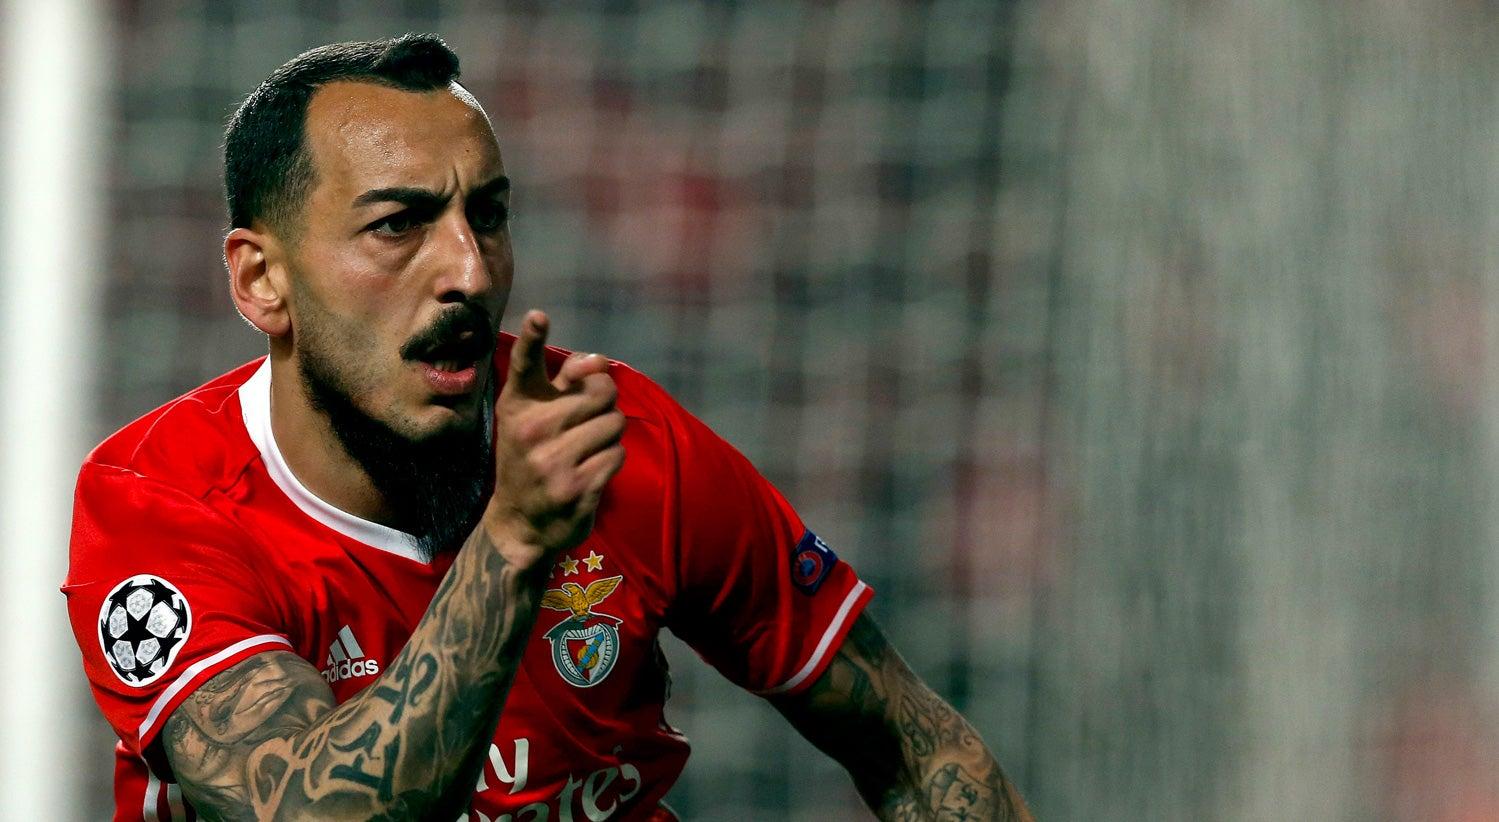 Mitroglou coloca Benfica em vantagem frente ao Borussia